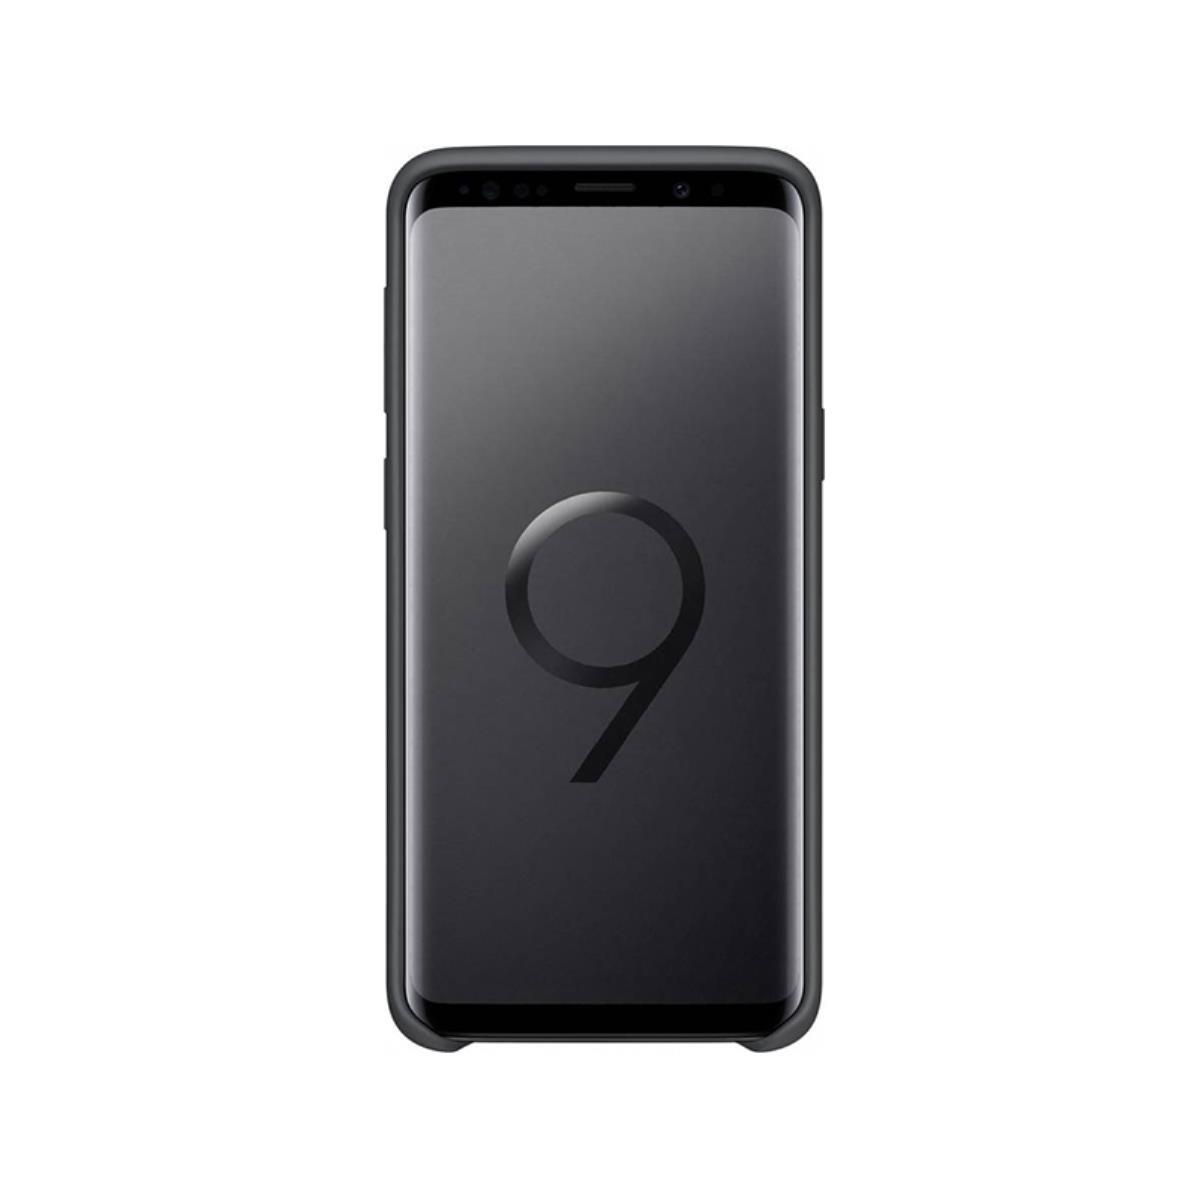 PORTATIL HP 15-N278SA A8-4555M 1TB 8GB WIN 10 H (RECONDICIONADO)